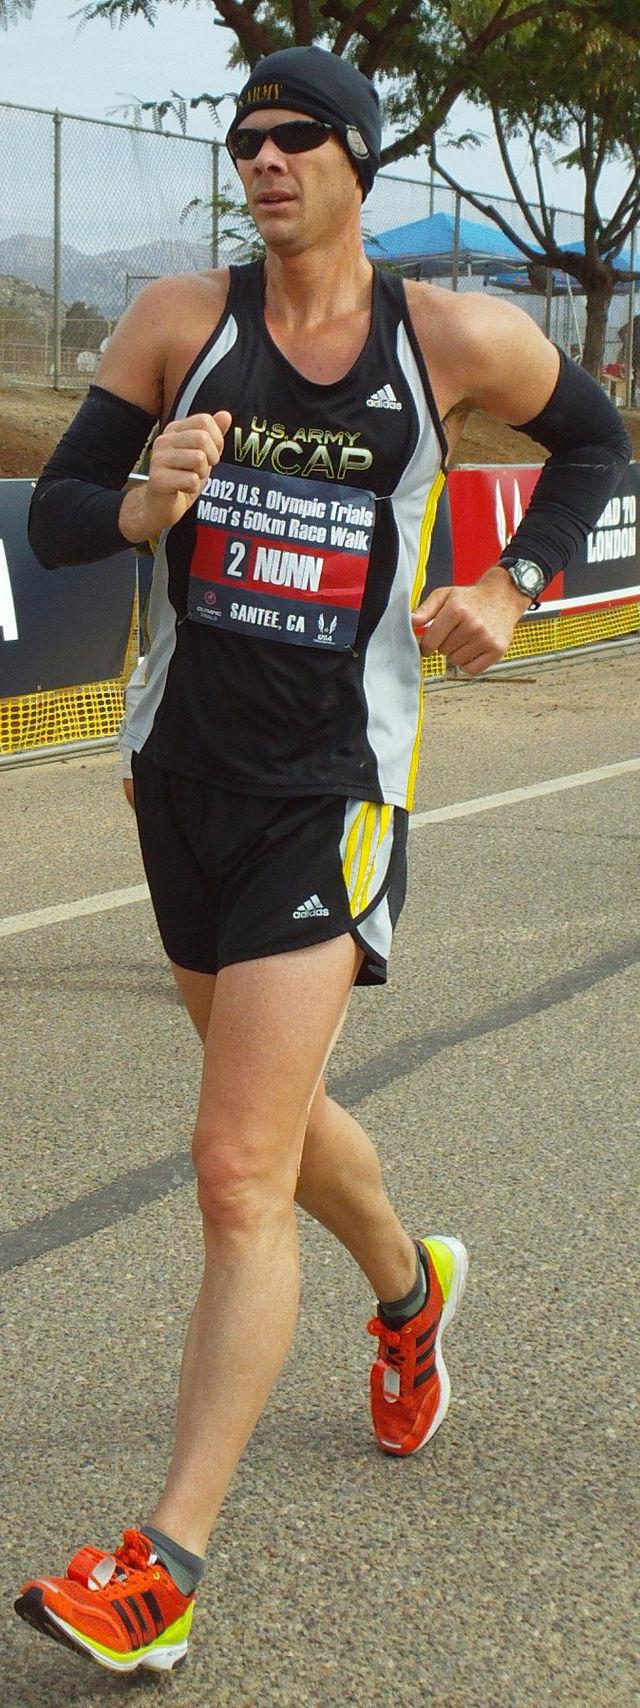 Amber Clayton Wikipedia john nunn (racewalker) - wikiwand